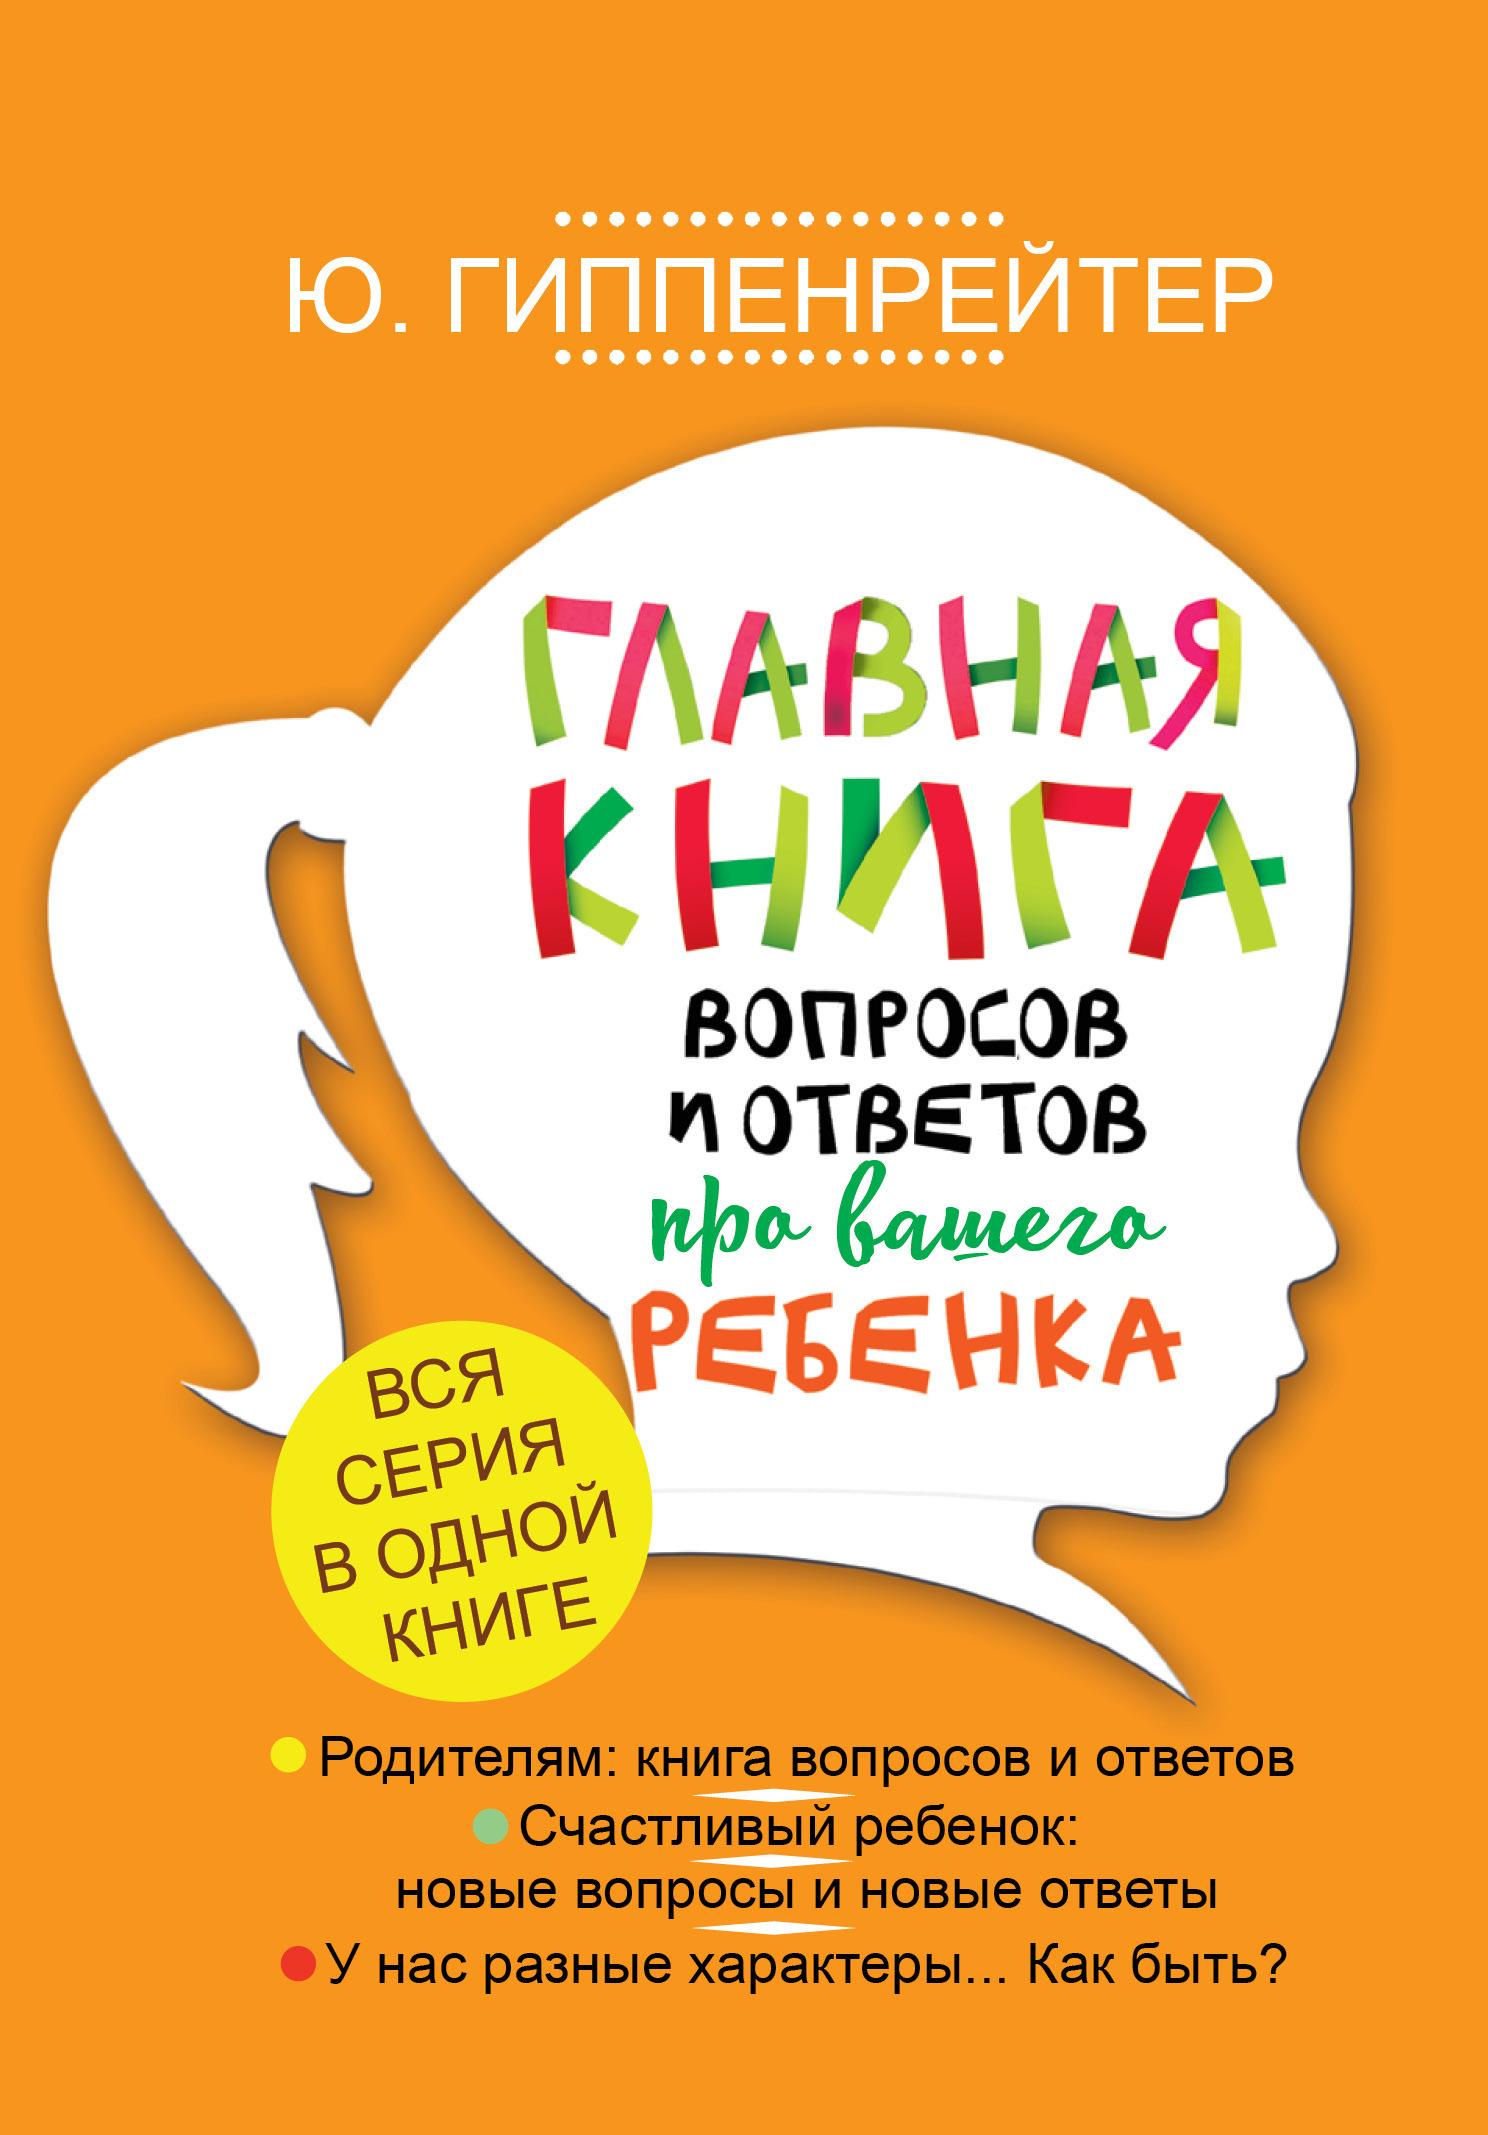 Юлия Гиппенрейтер Главная книга вопросов и ответов про вашего ребенка гиппенрейтер ю главная книга вопросов и ответов про вашего ребенка